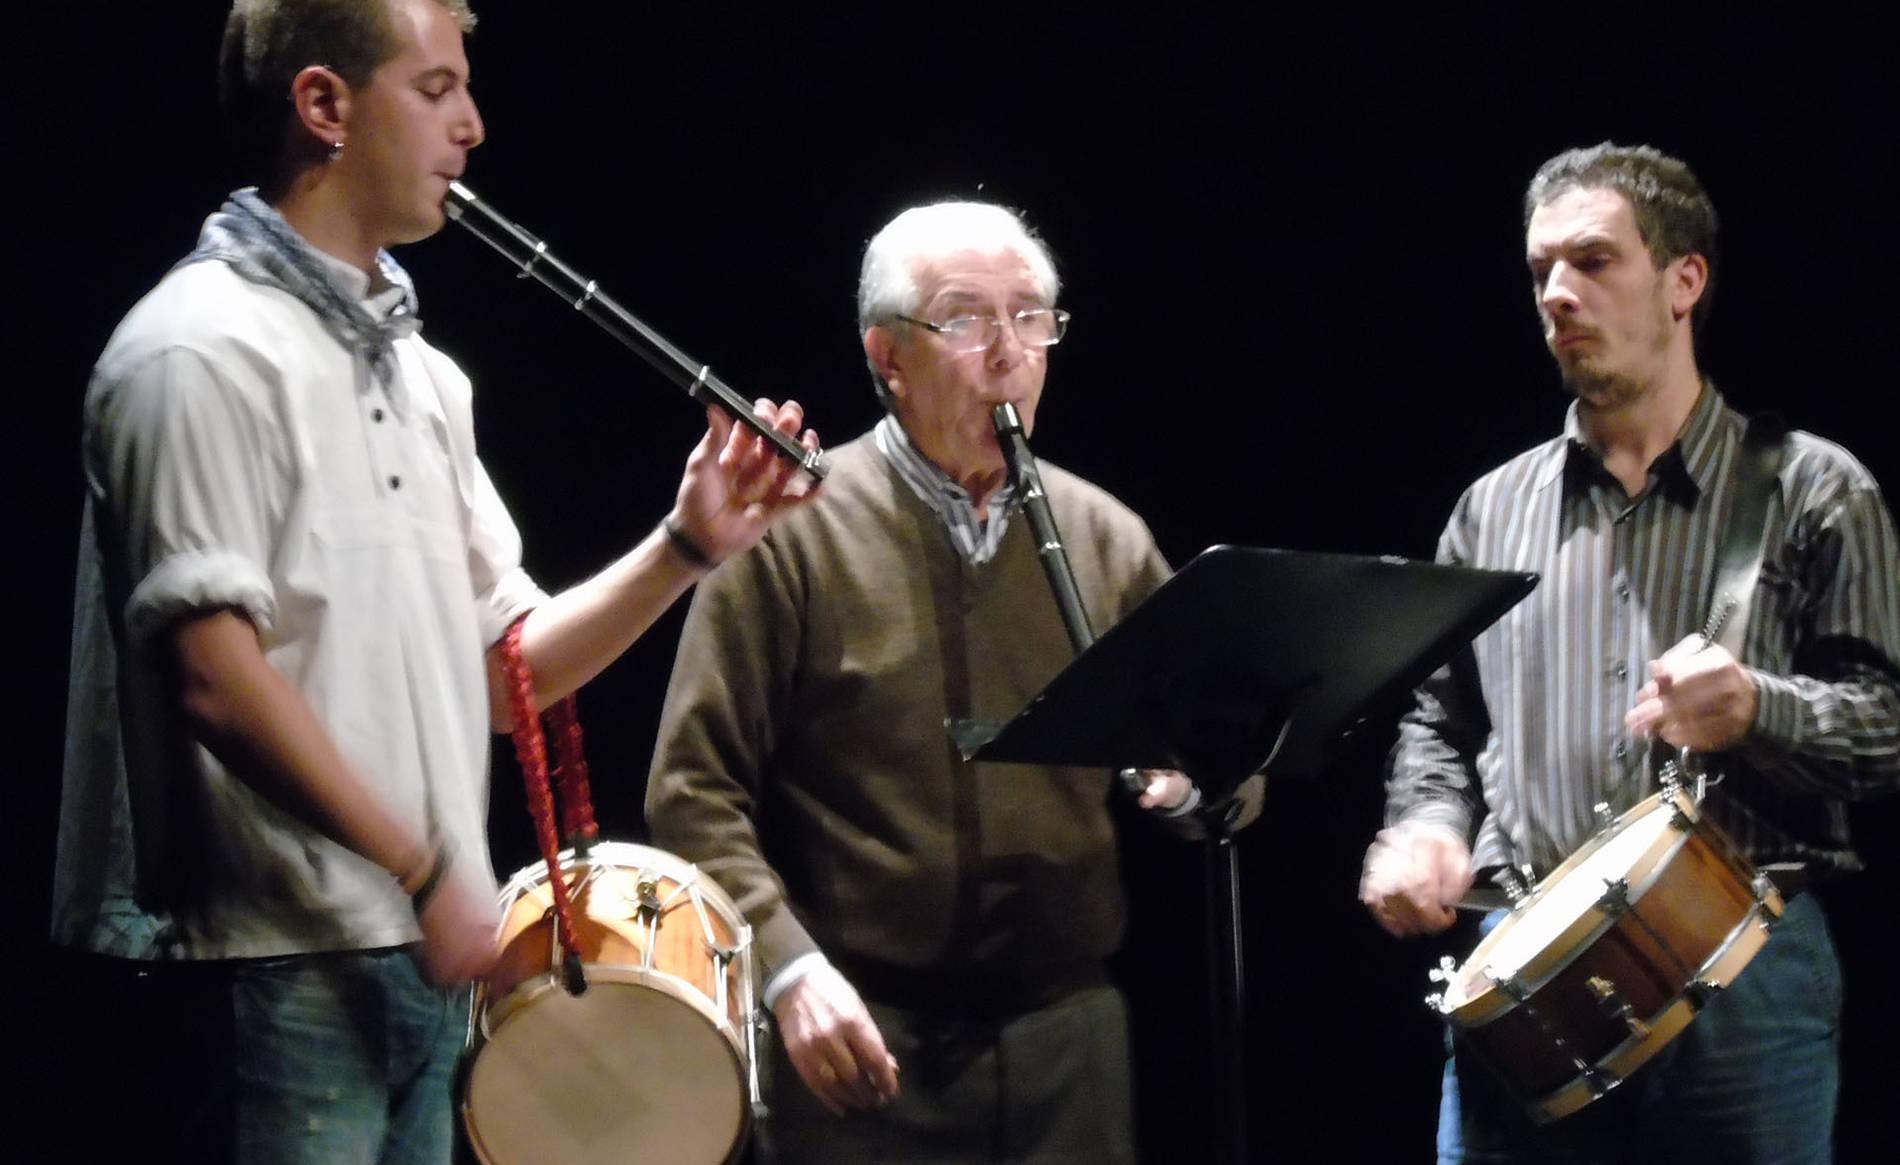 Homenaje a Ignacio Lizoáin (1/6) - Homenaje en el Auditorio por parte de distintos grupos culturales a Ignacio Lizoáin, fallecido el pasado mes de julio. - Vivir en Barañáin -